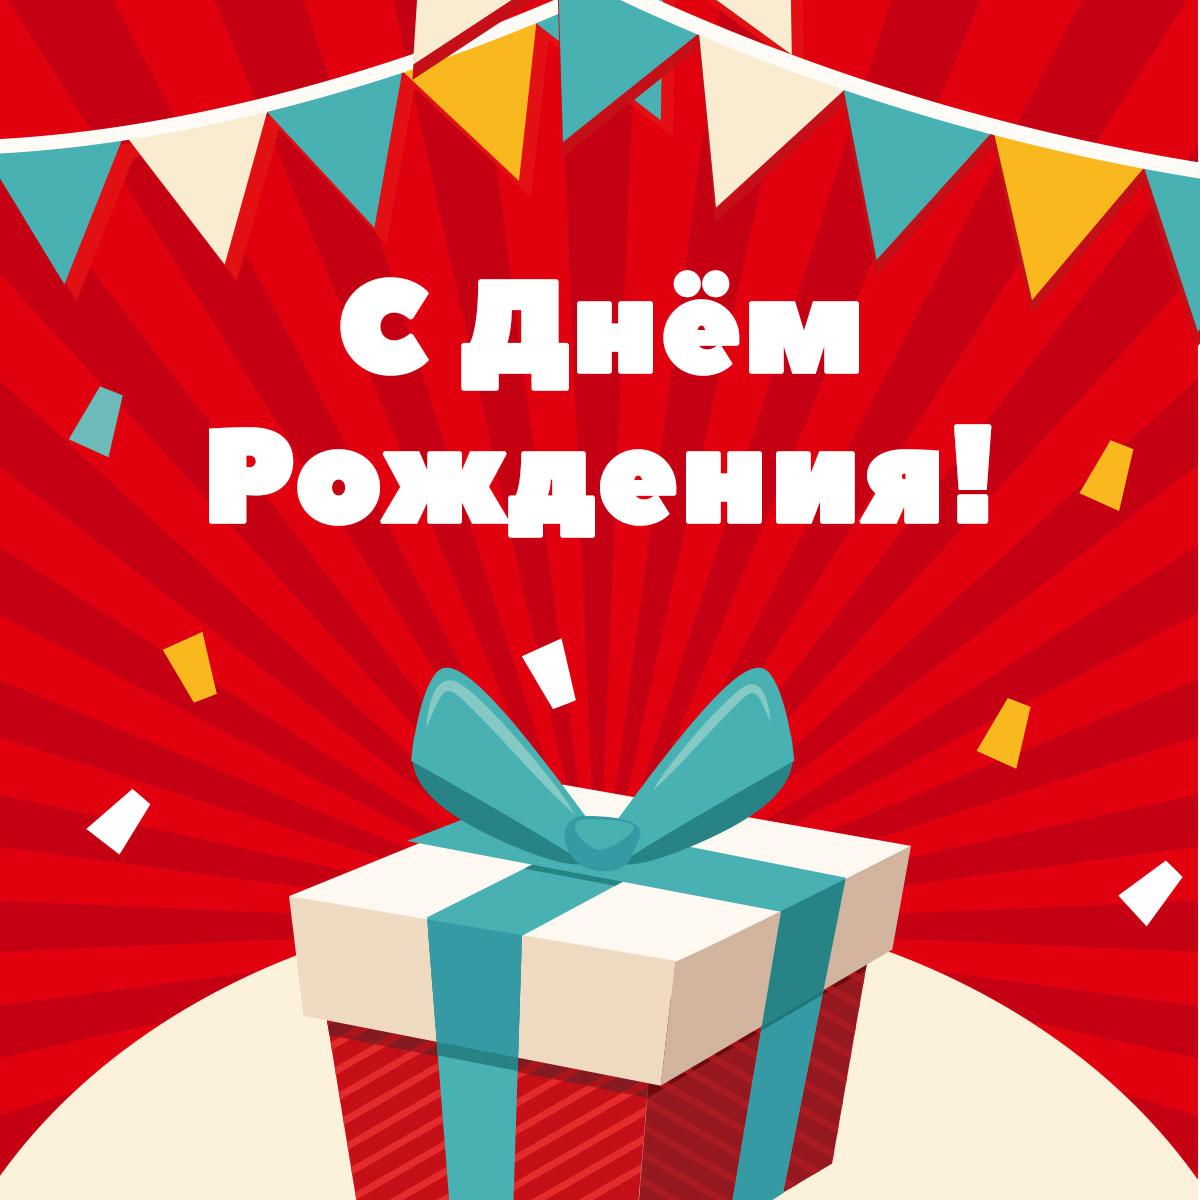 Красная картинка с надписью и коробкой с подарком.